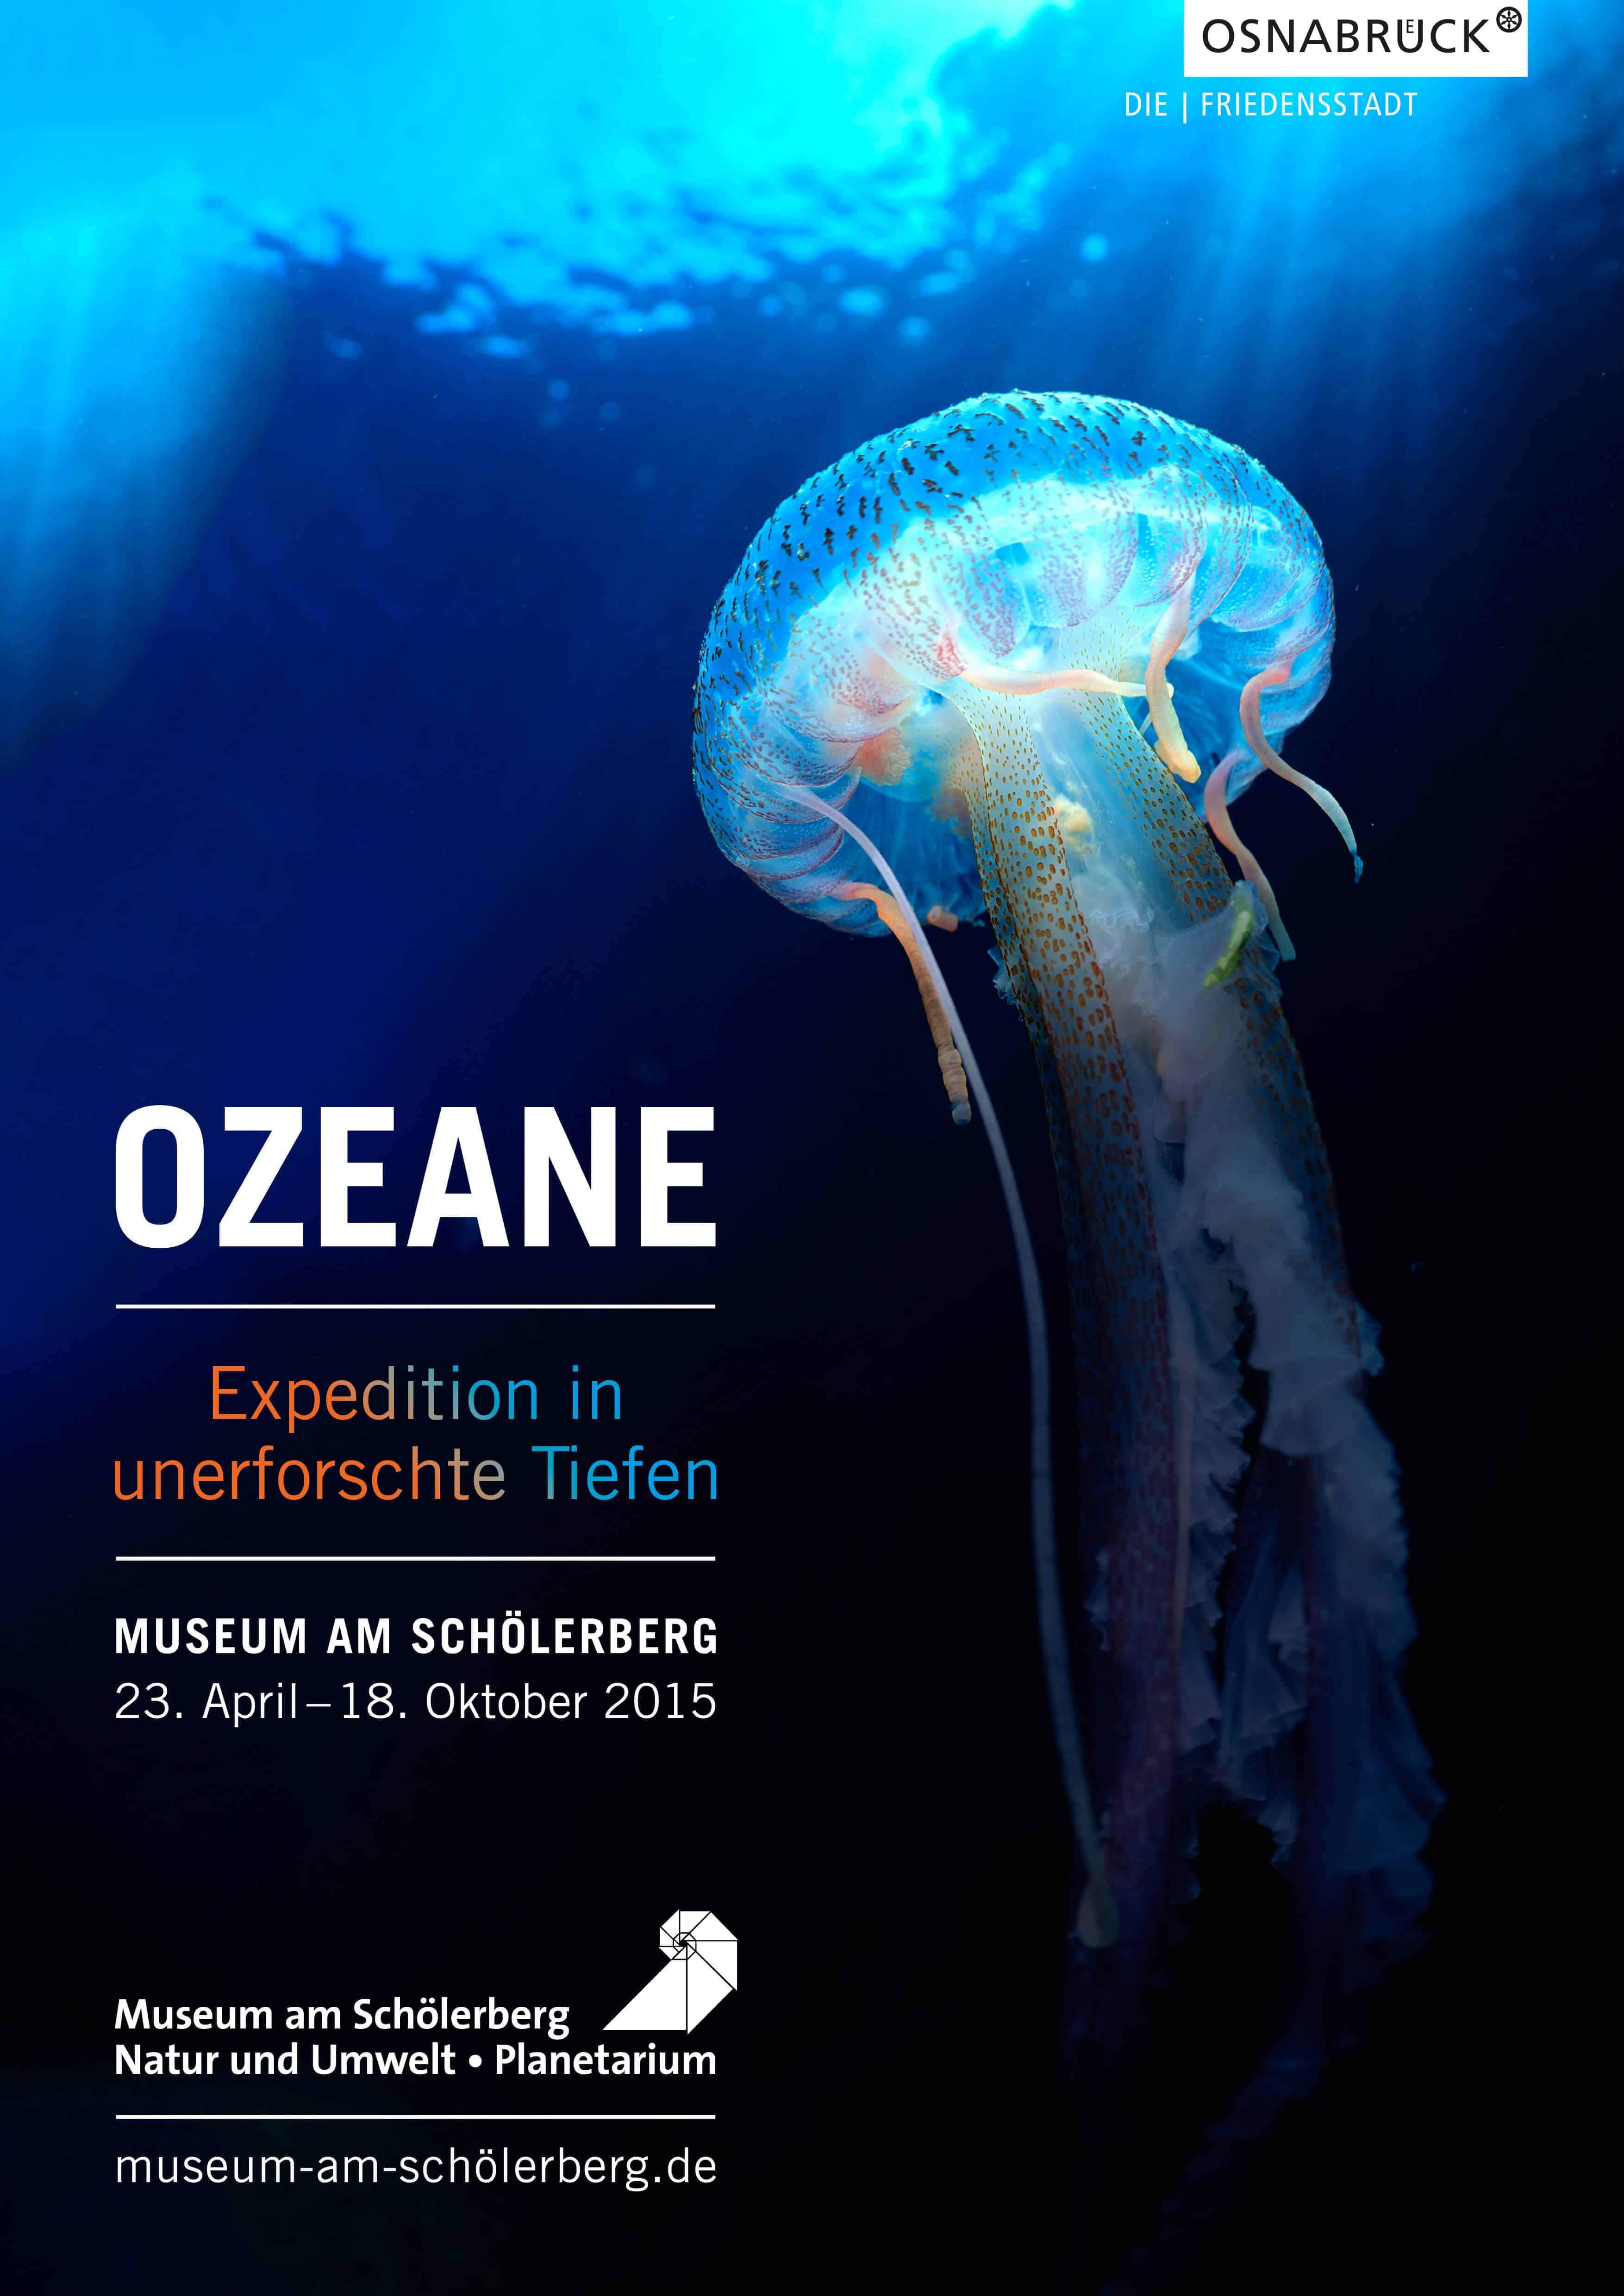 Fotoausstellung ::: Ozeane Unerforschte Tiefen in Osnabrück Plakat und Einladung gestaltet von HASEGOLD